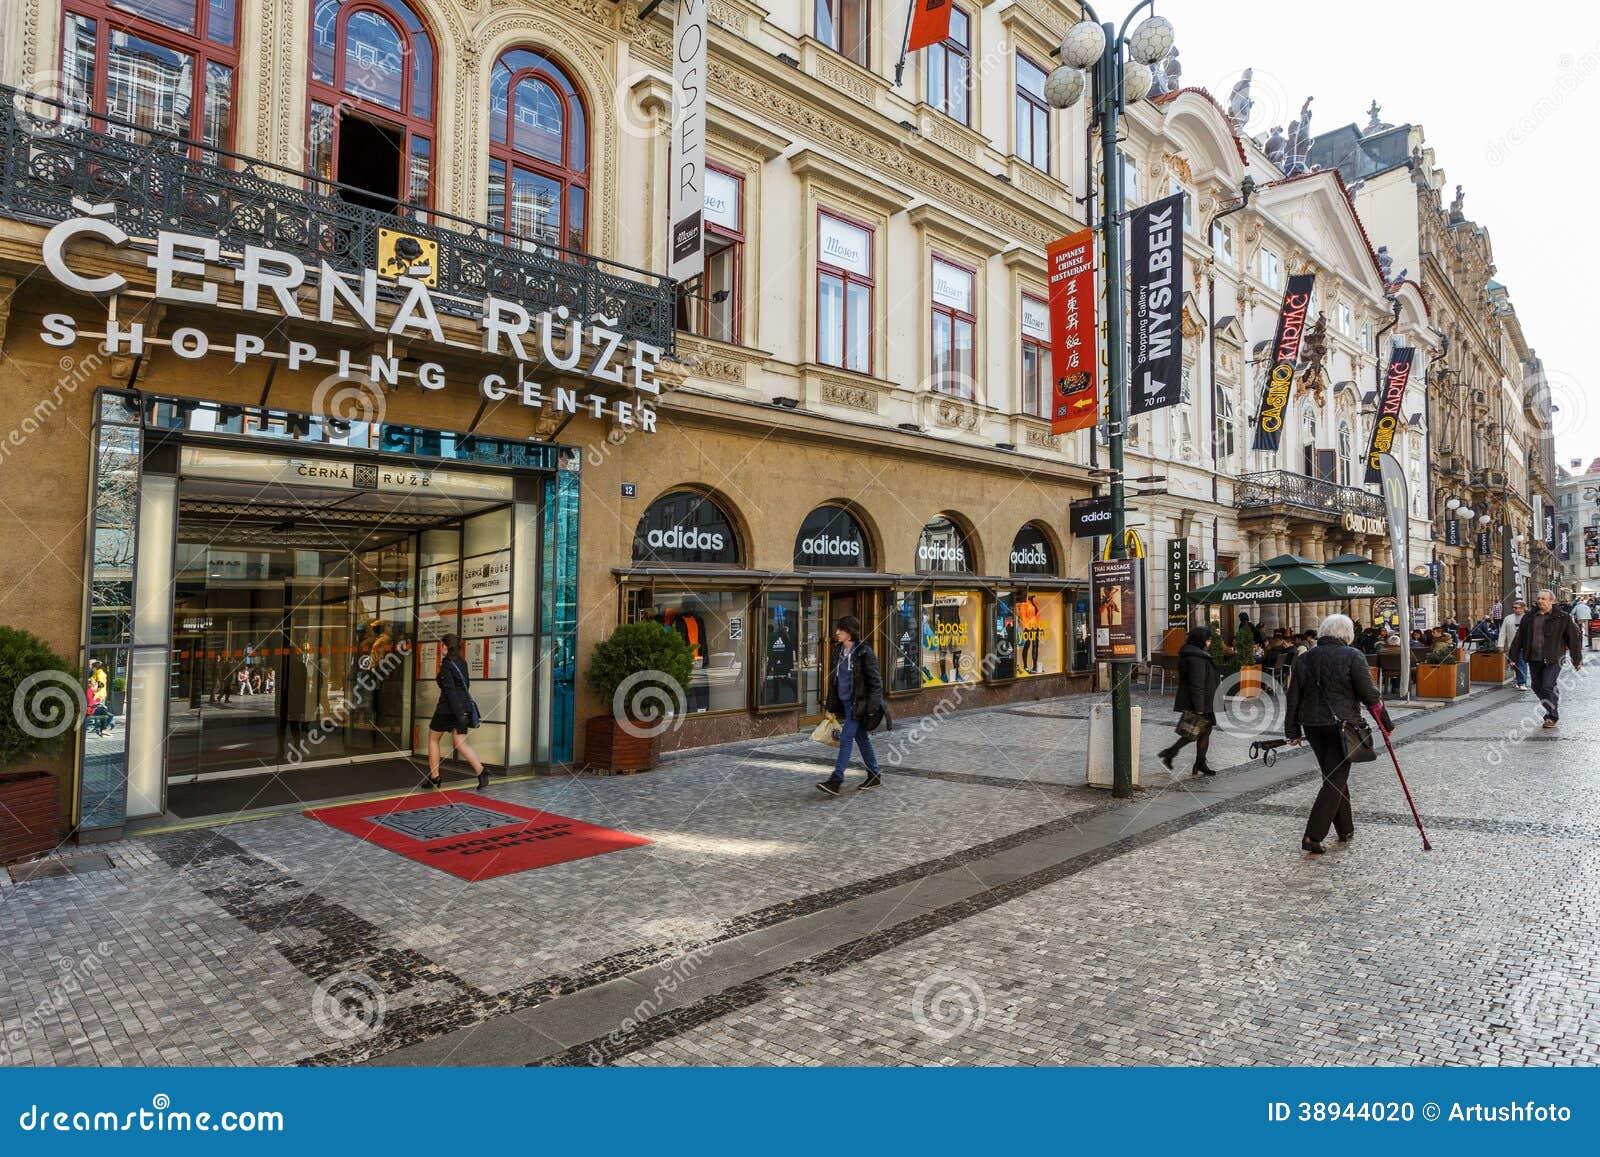 Prague shopping center cerna ruze editorial image image for Prague center